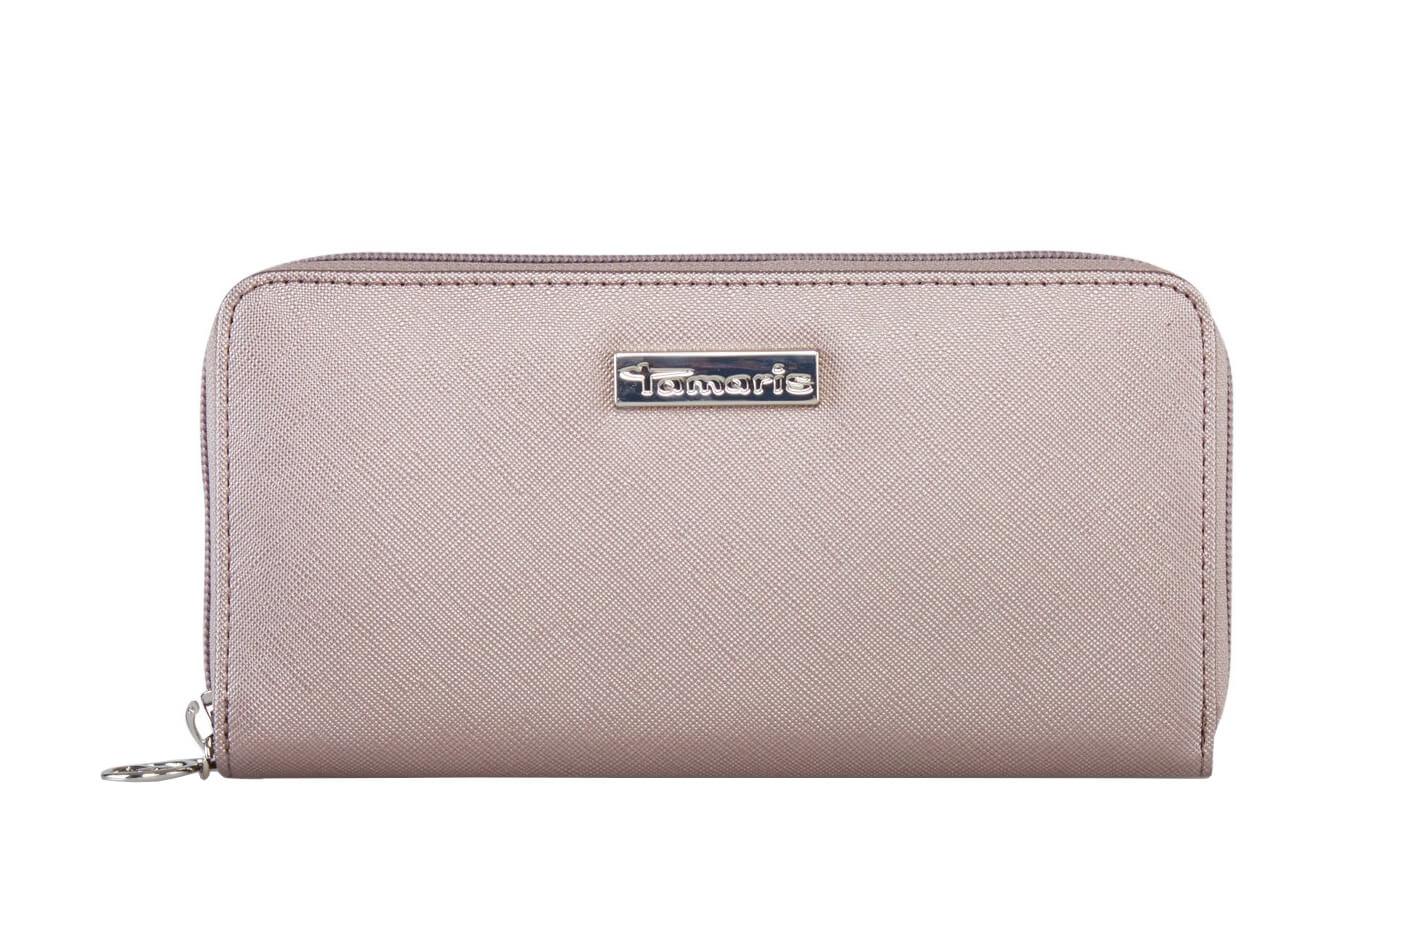 Tamaris Női pénztárca Maxima nagy cipzáras pénztárca 7131182-915 Pewter fda817ef77